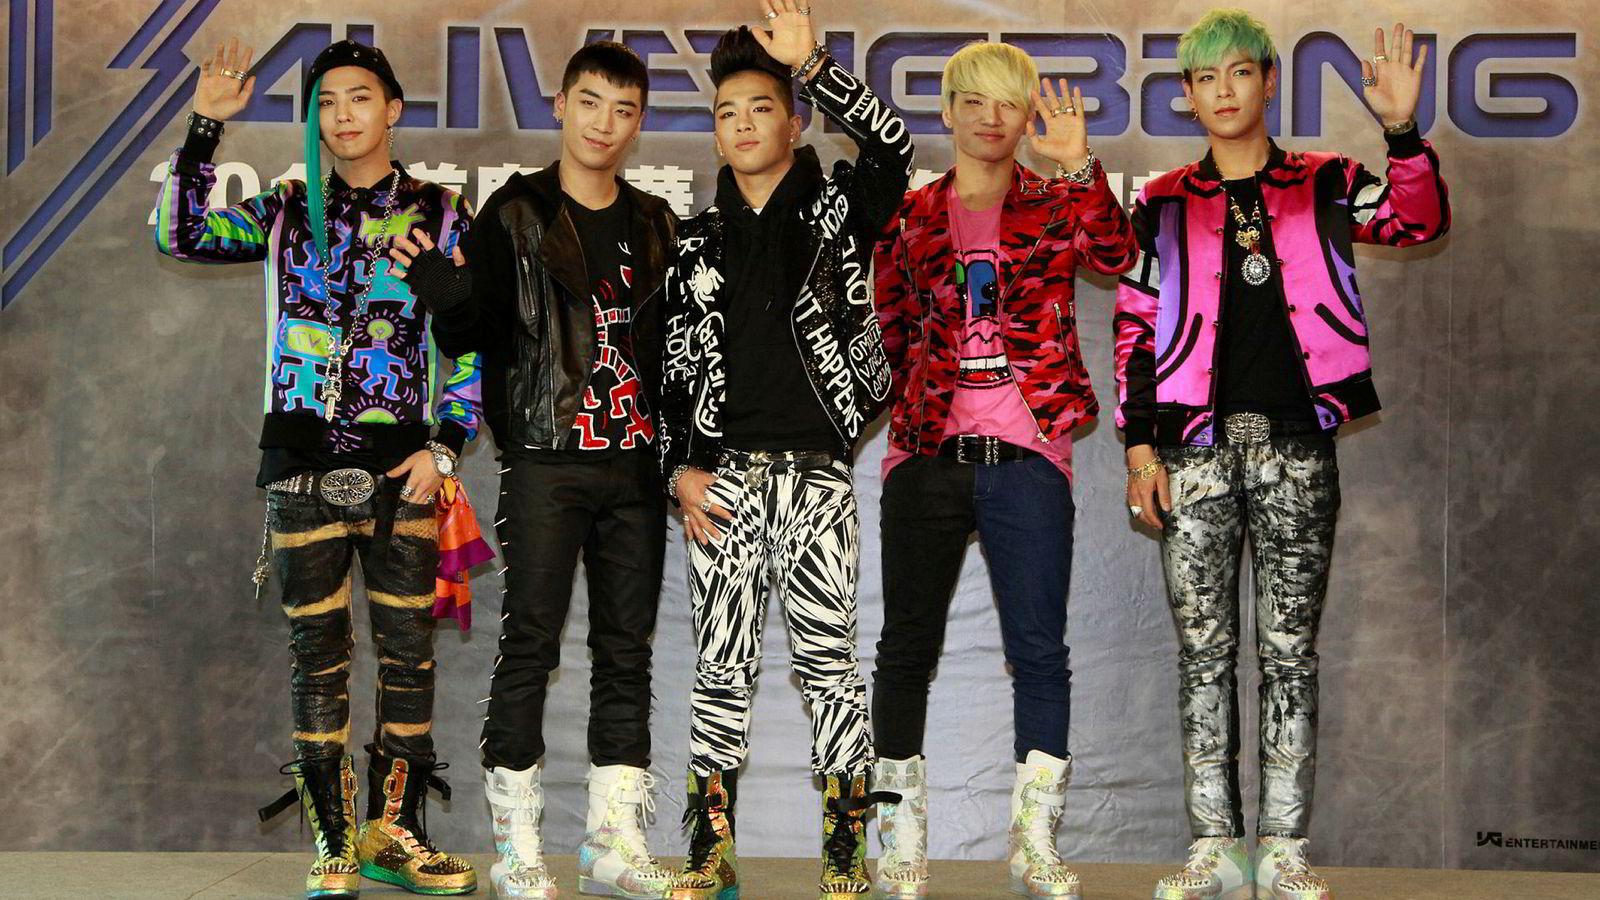 Frontfigur «Seungri» i det sørkoreanske guttebandet Bigbang, som drev frem K-Pop-industrien, er tiltalt for å ha kjøpt sextjenester fra prostituerte som «gaver» til investorer i en nattklubb han er deleier i. 28-åringen har valgt å pensjonere seg fra showbusiness.